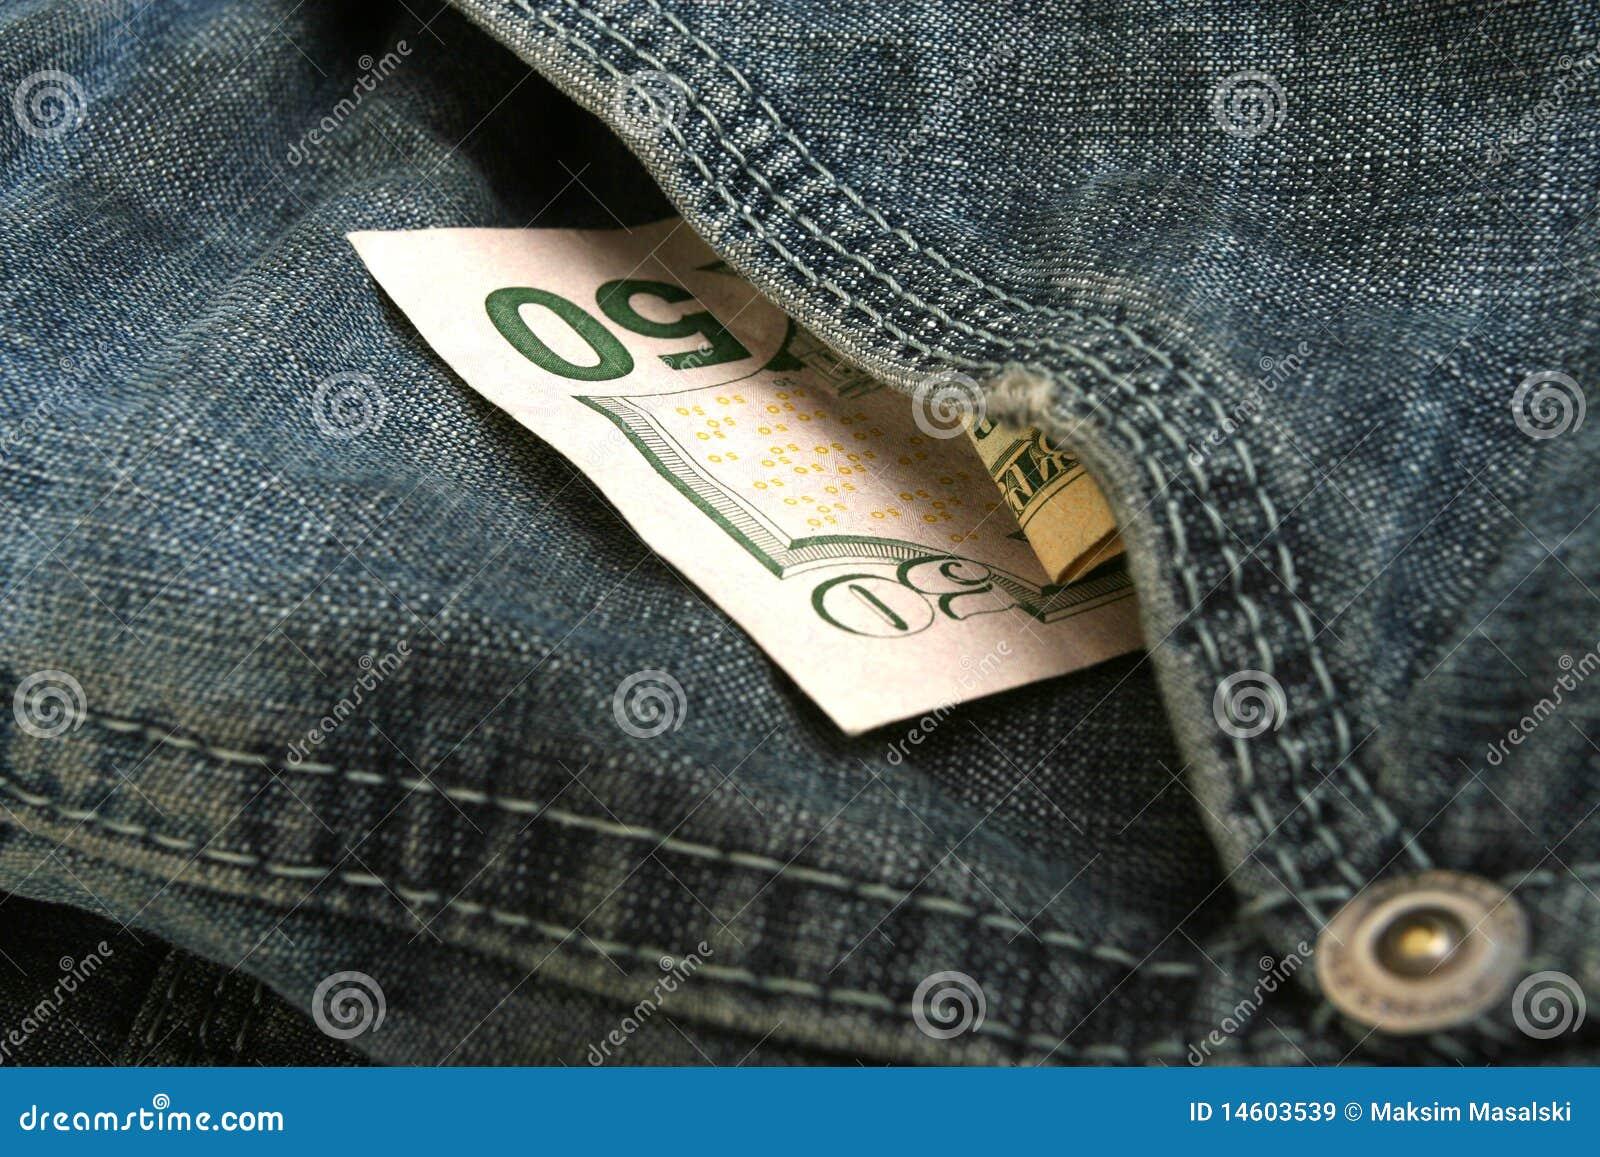 50 dollar bill in pocket of jean